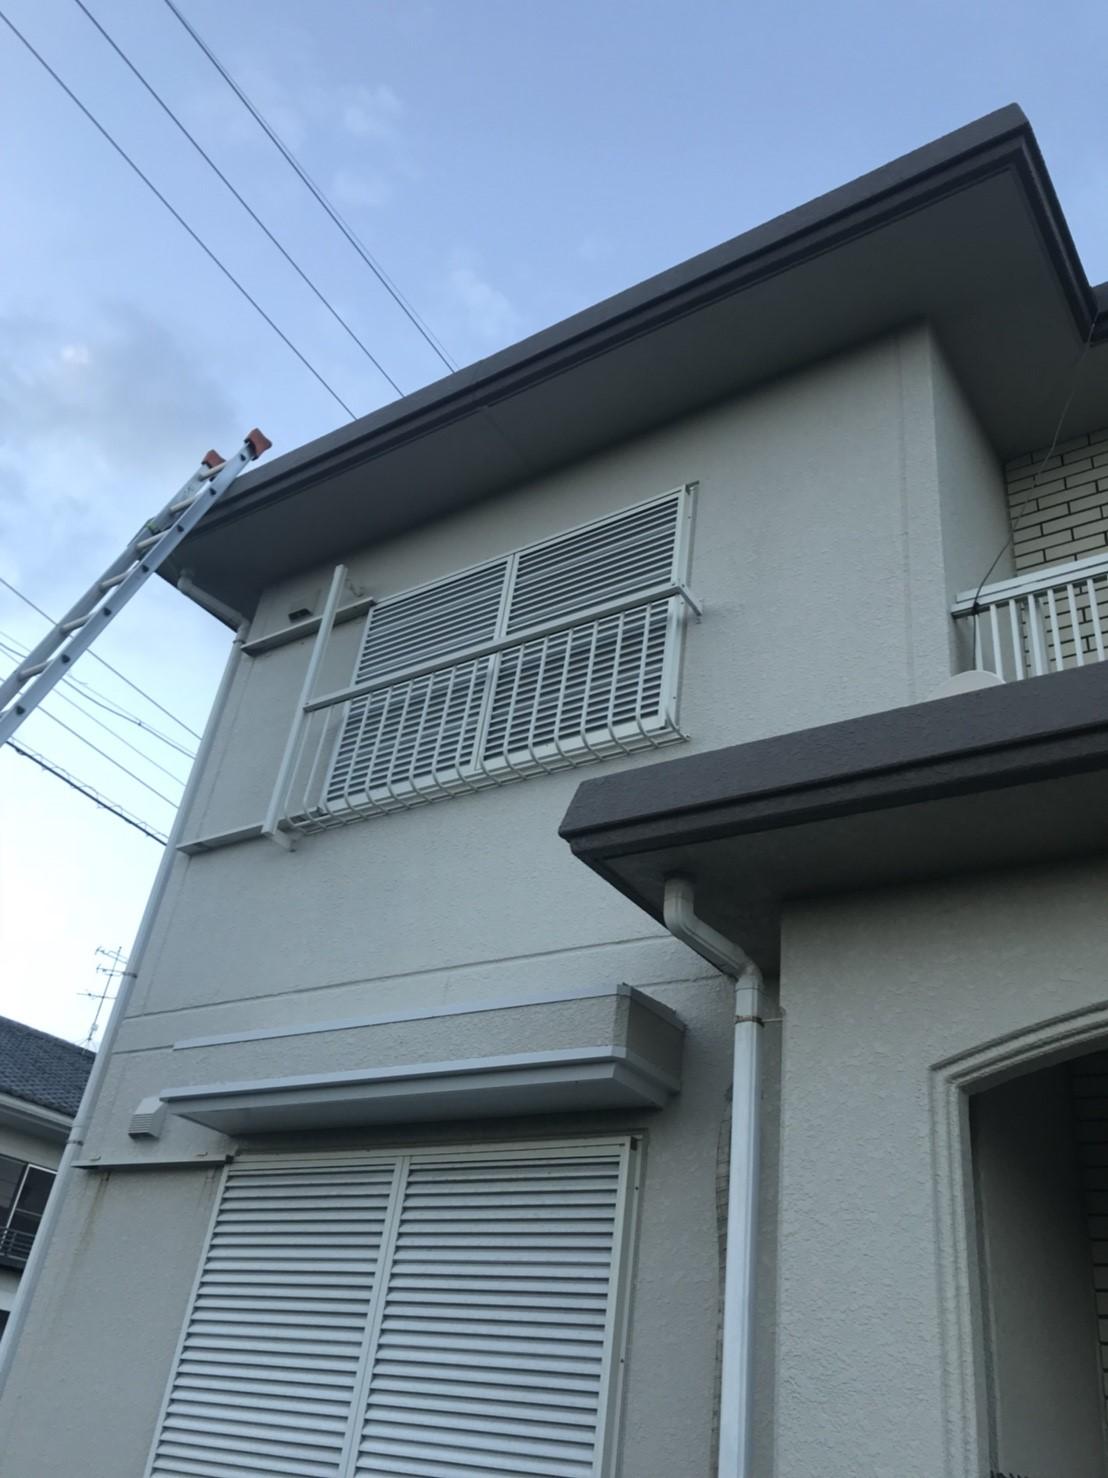 729 浜松市 松本様_180730_0006